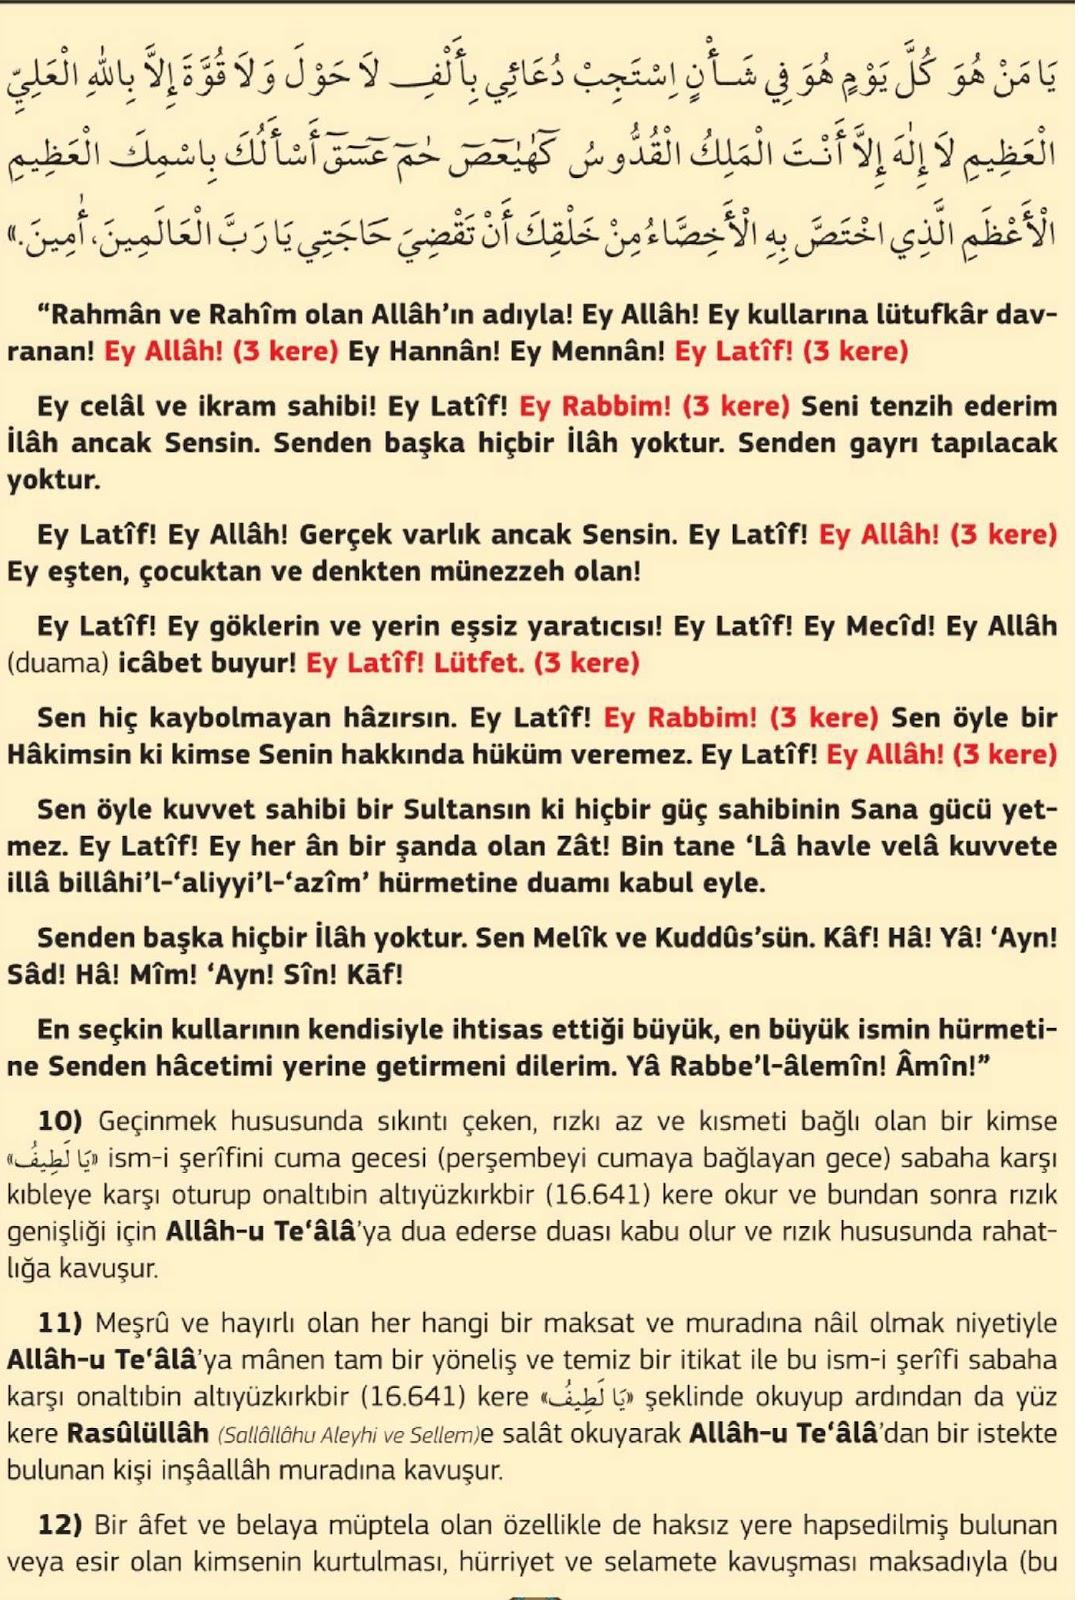 Ya Latif İsmi Şerifi ve Duaları - Cübbeli Ahmet Hoca'dan Dua